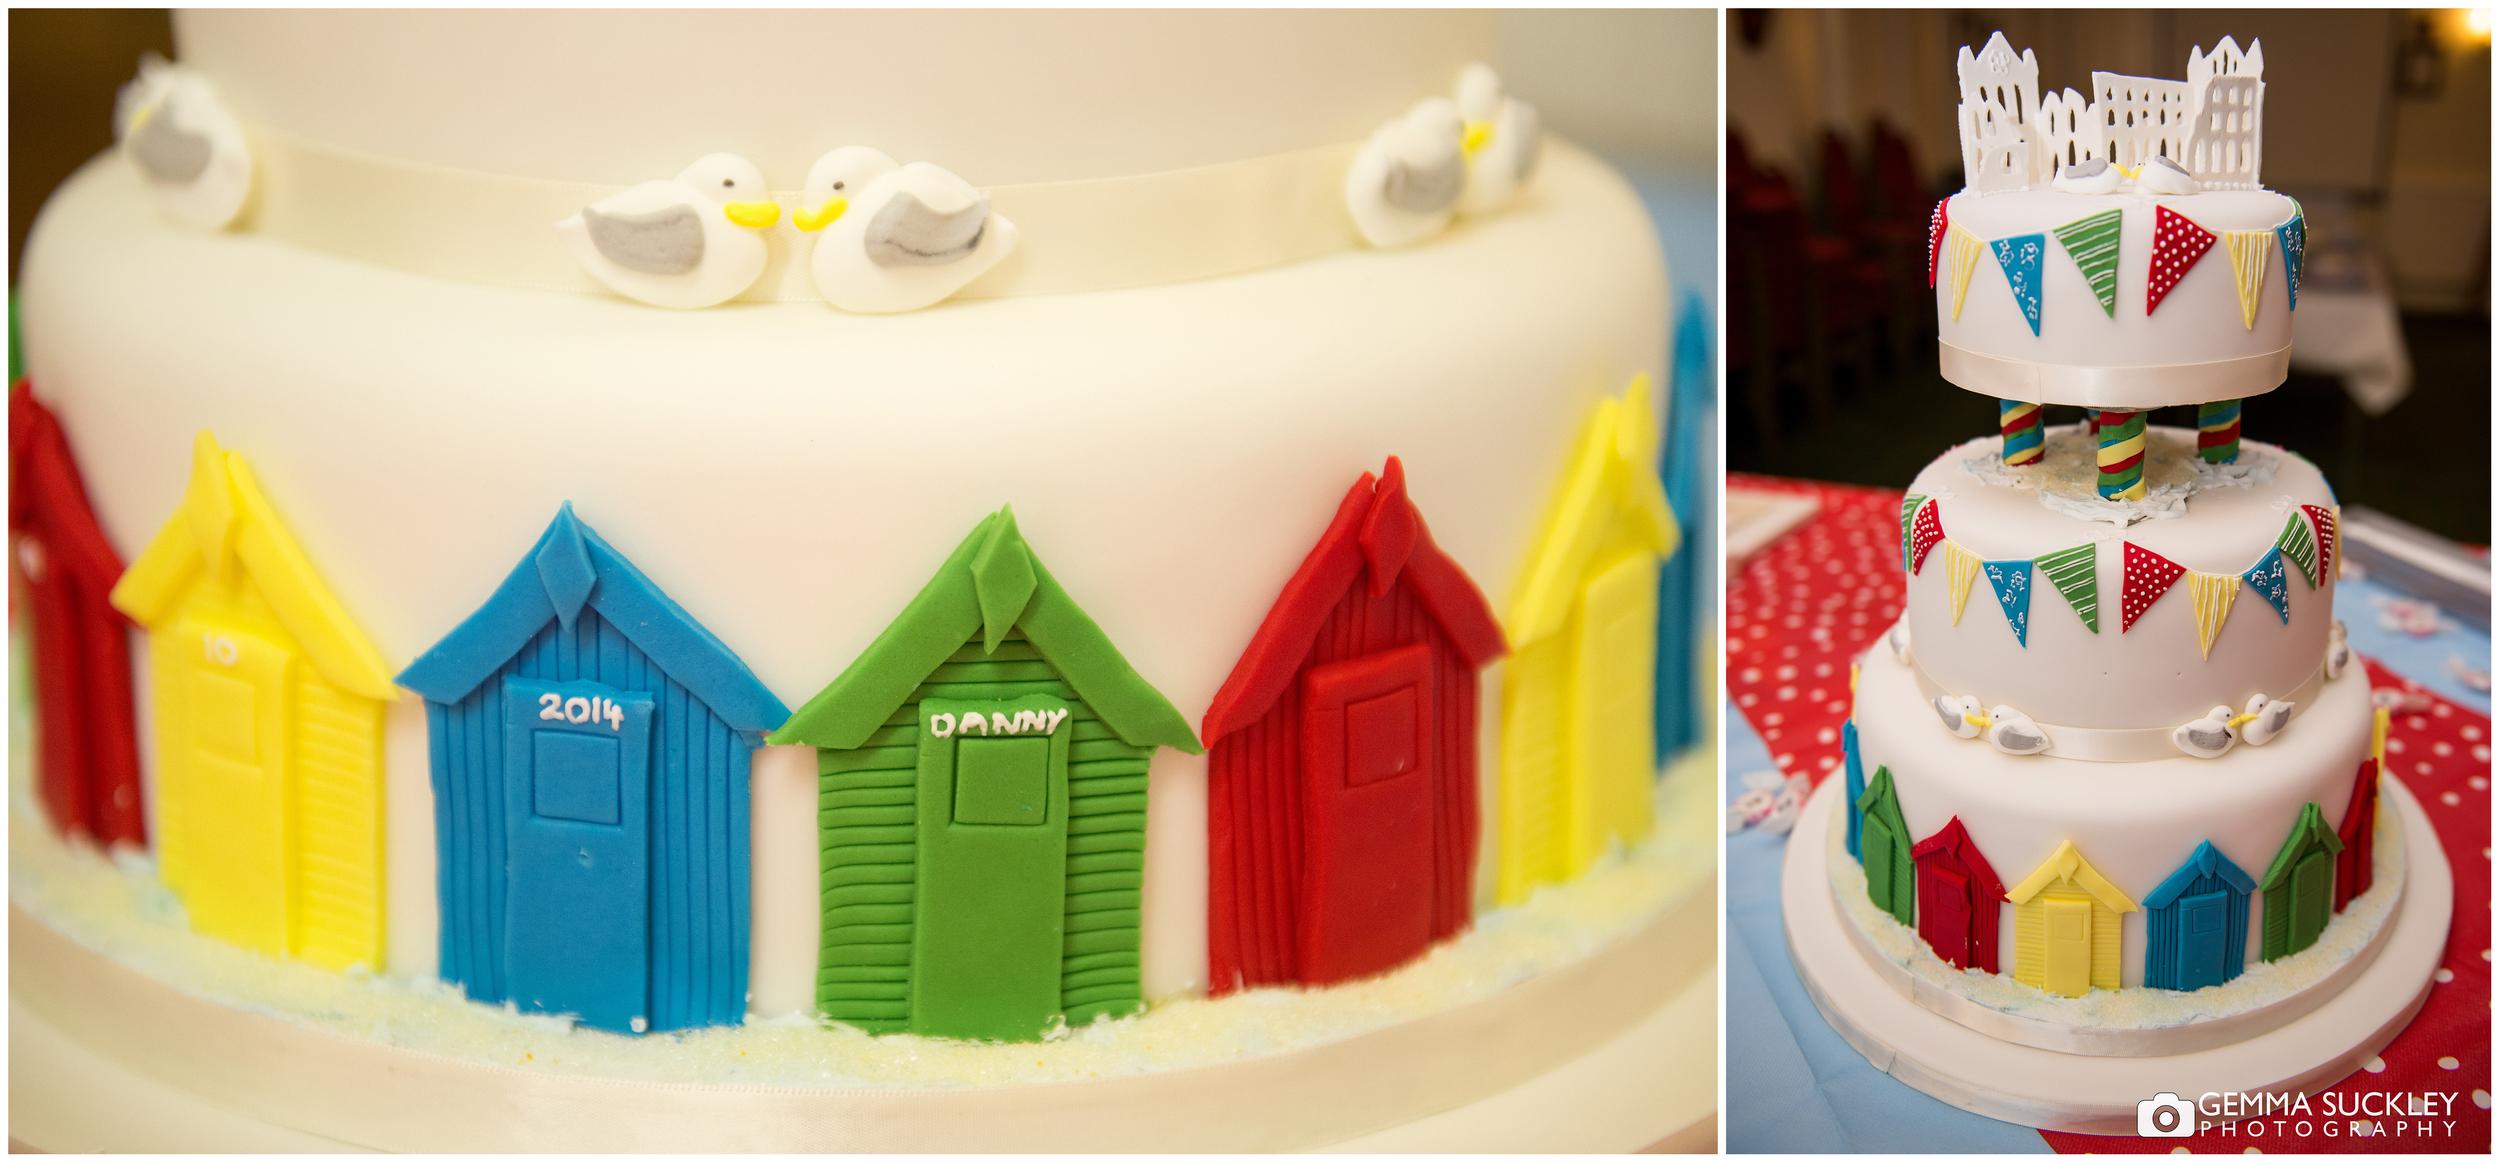 whitby-cake.jpg